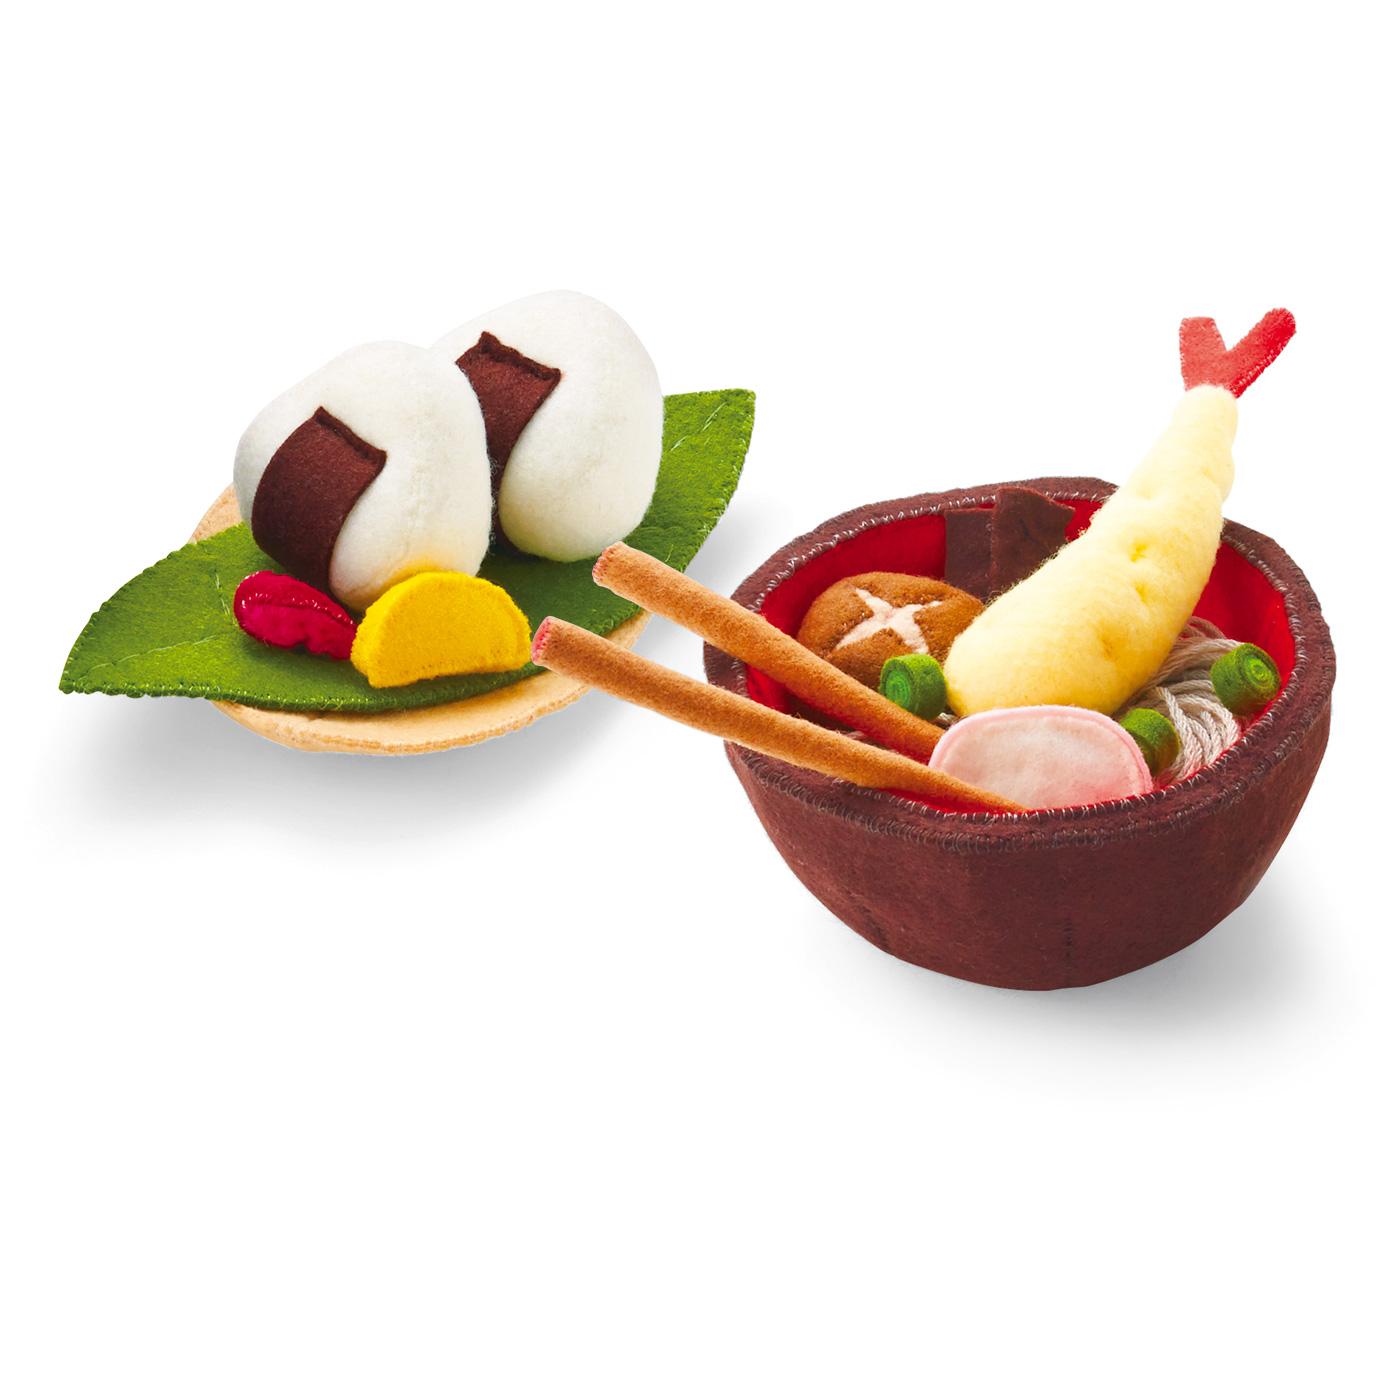 タイプ2:天ぷらそばとおにぎりセット